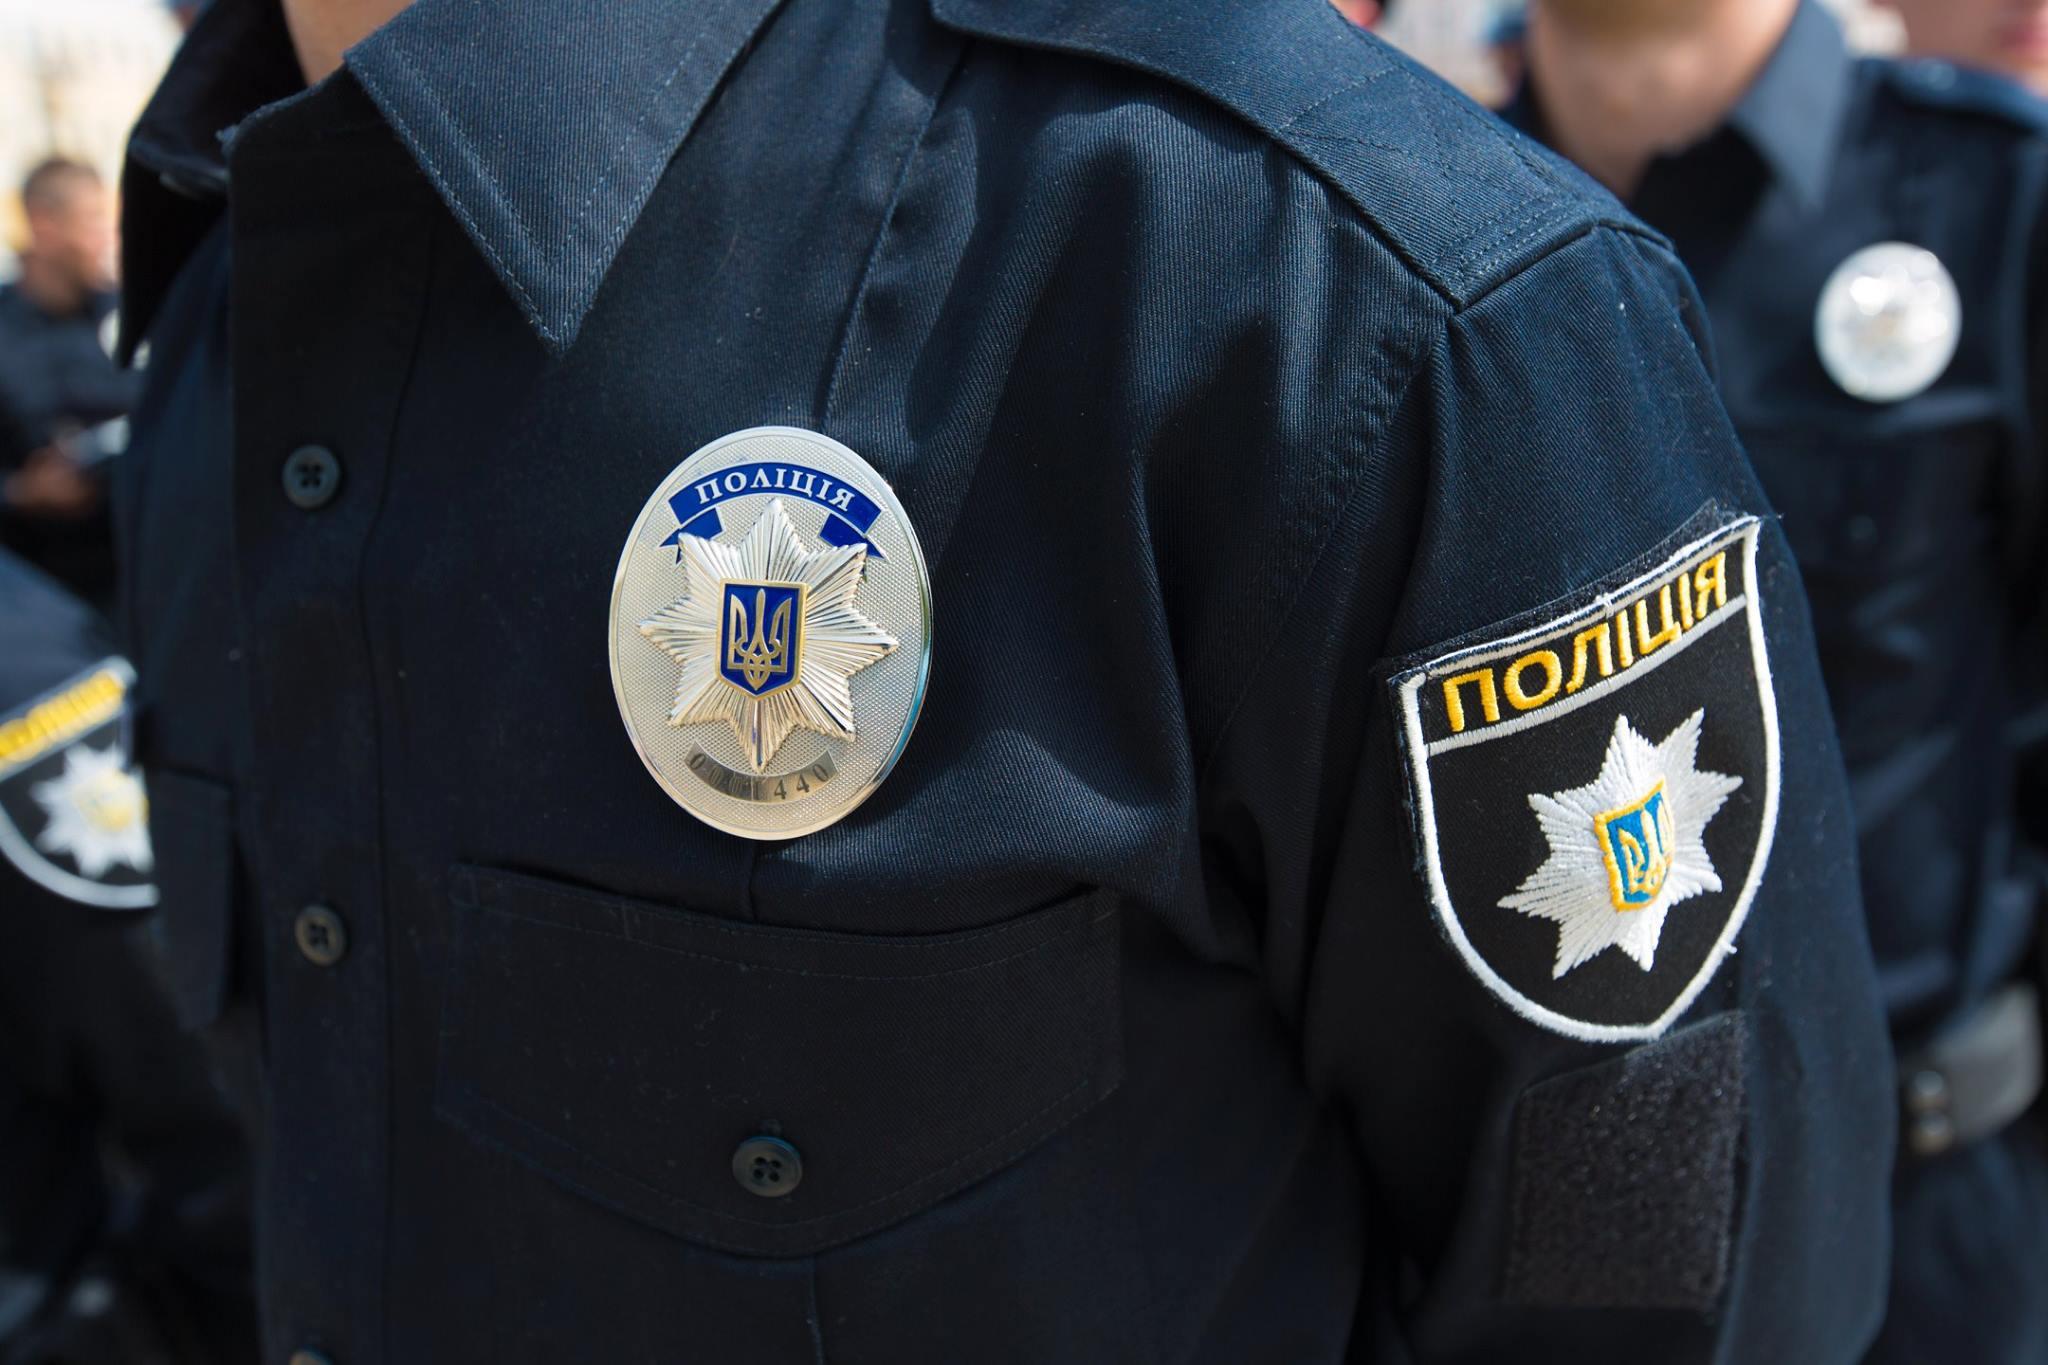 Февральская трагедия: в деле убийства полицейским несовершеннолетнего появились новые детали